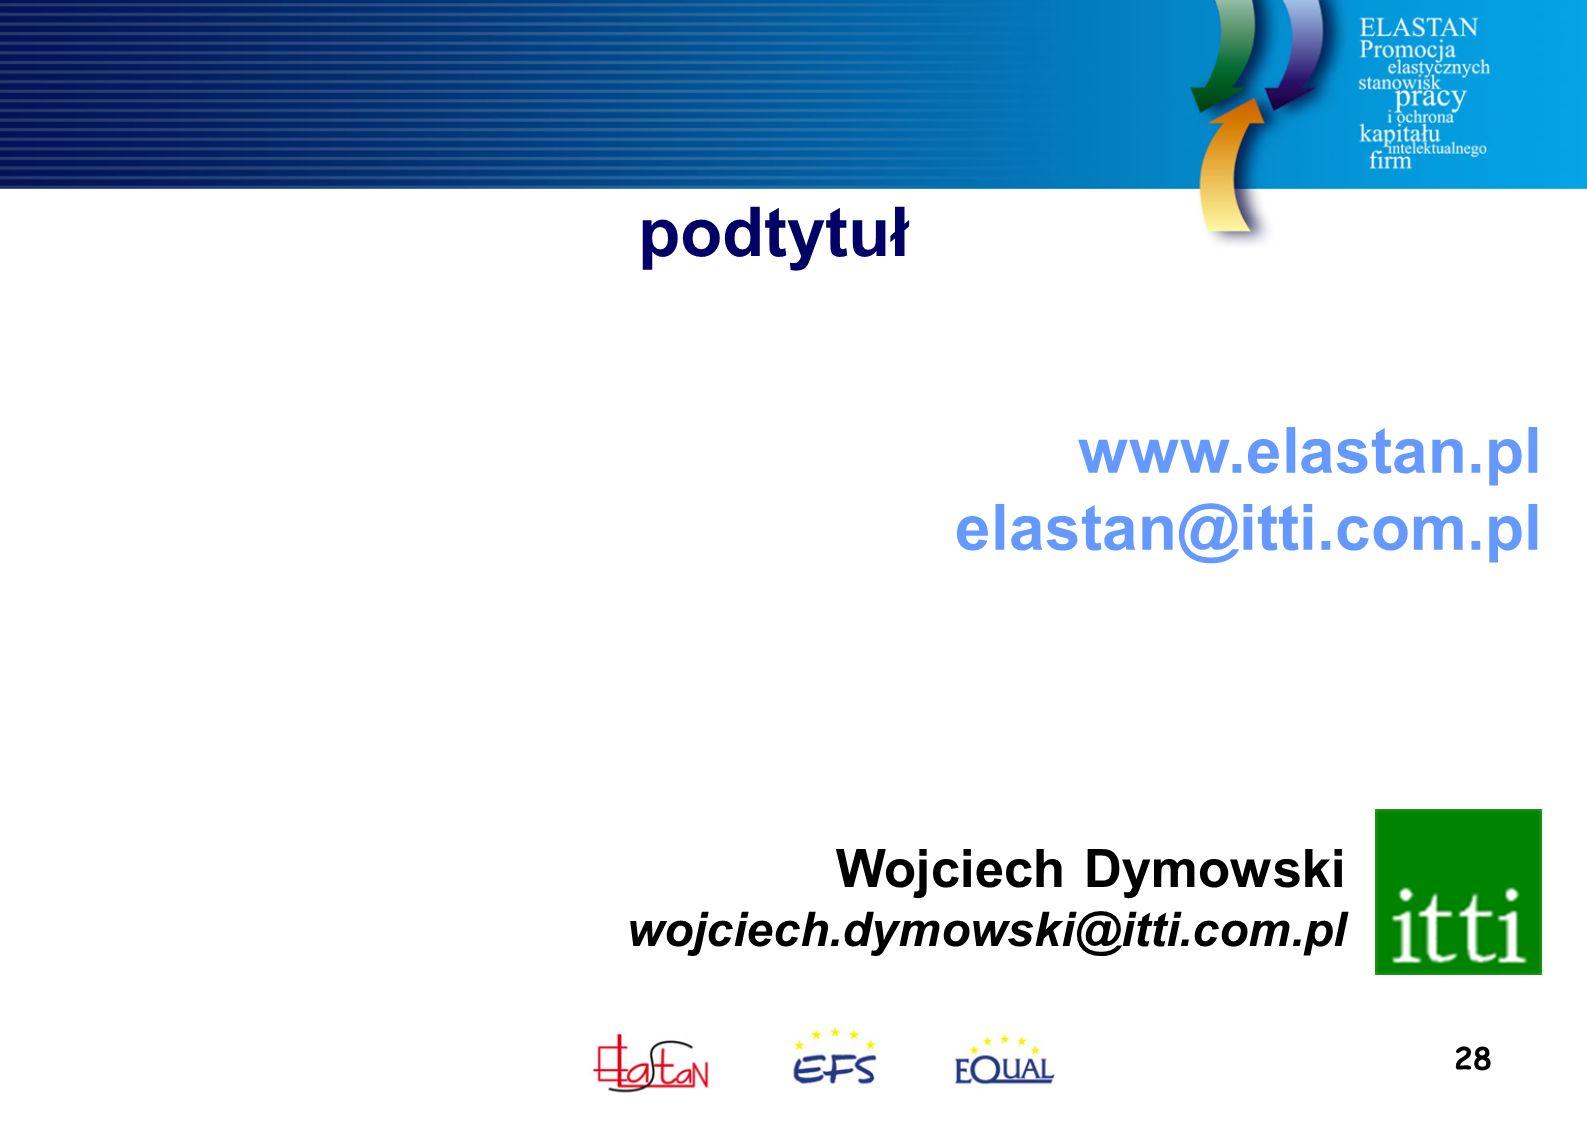 28 podtytuł Wojciech Dymowski wojciech.dymowski@itti.com.pl www.elastan.pl elastan@itti.com.pl